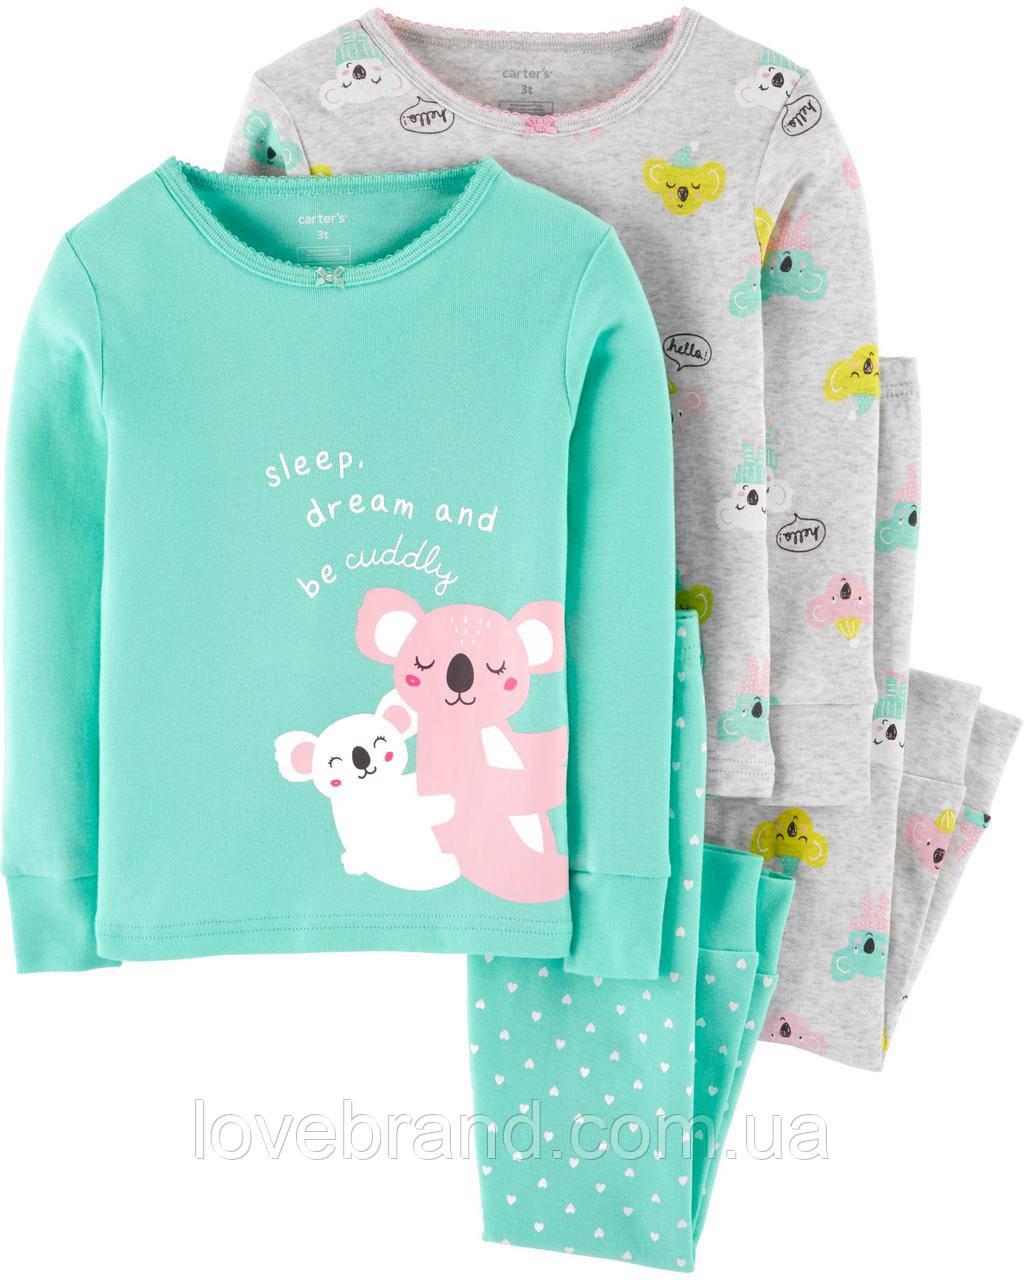 Детские пижамы Carter's Коала для девочки 2Т/86-93 см